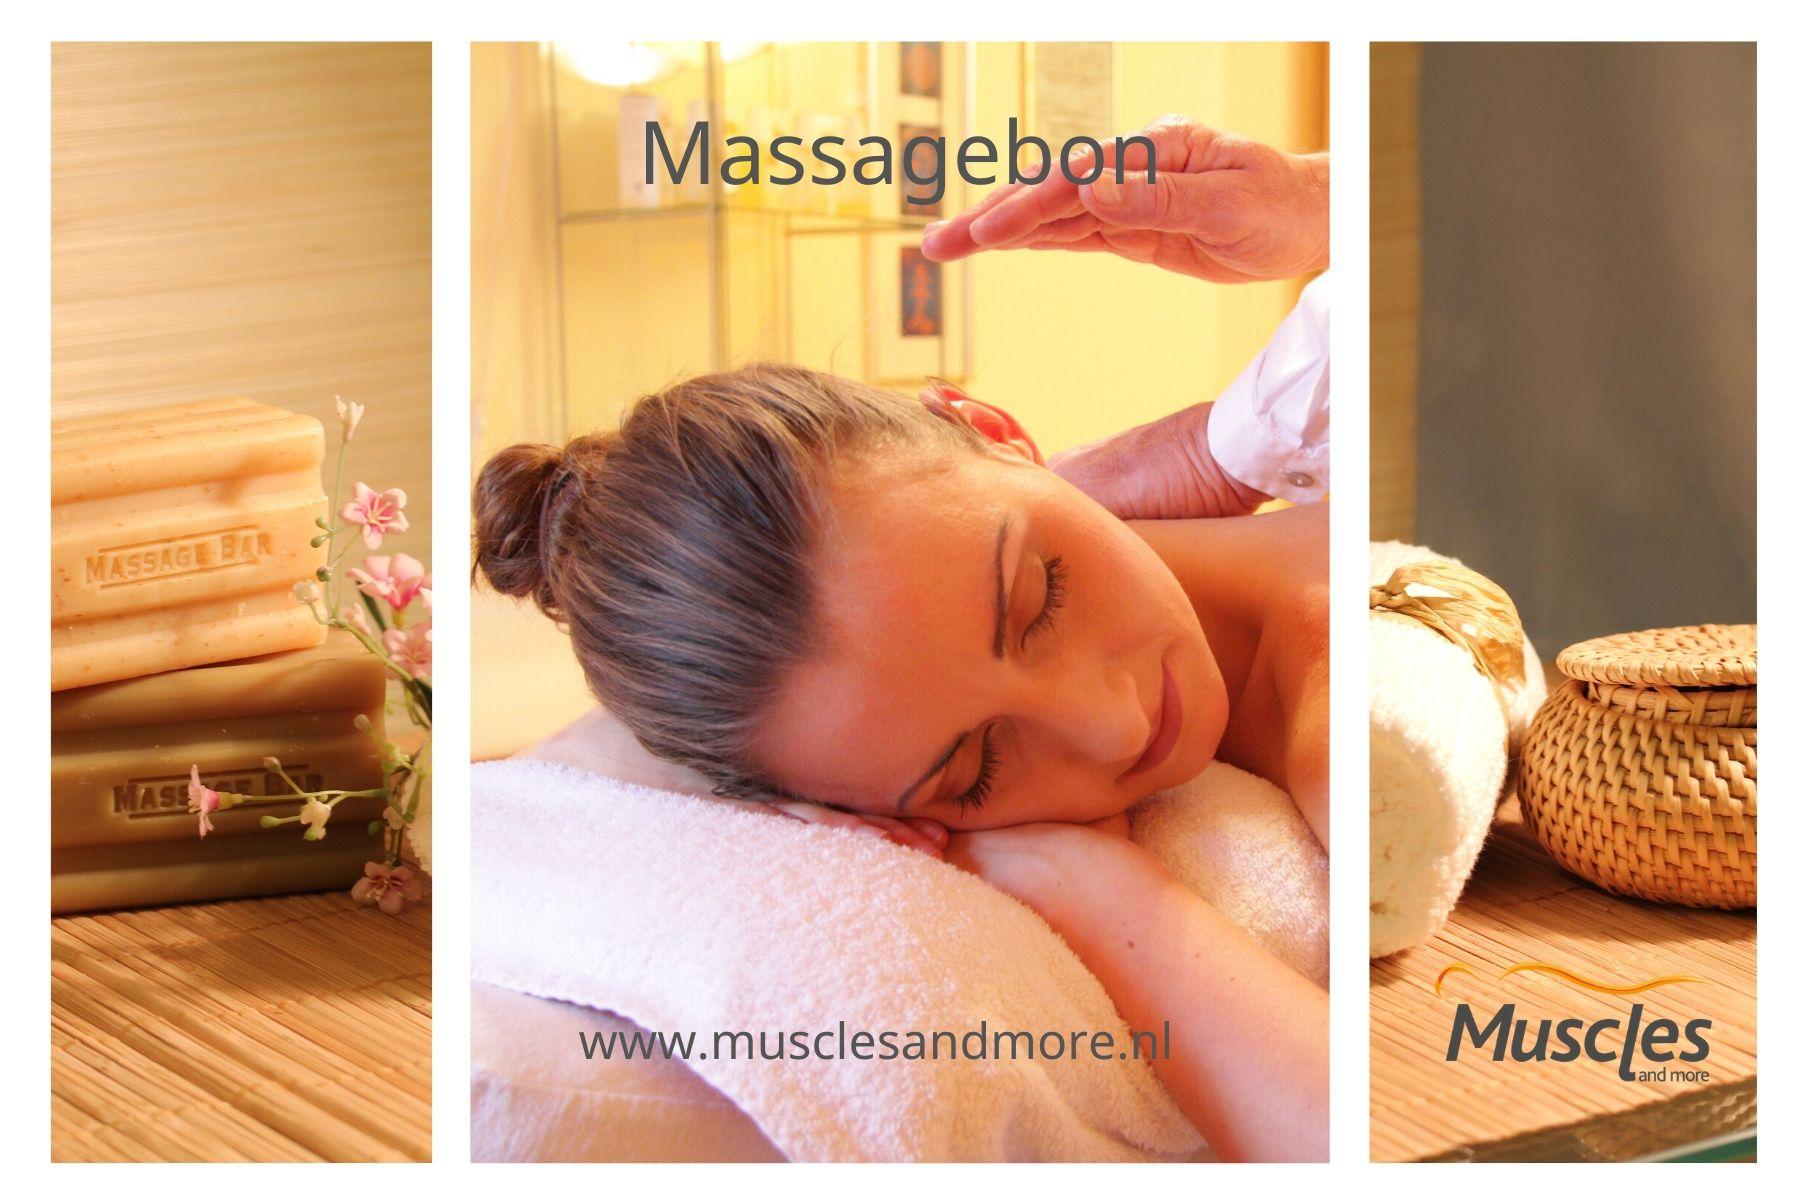 Massagebon van Muscles and more